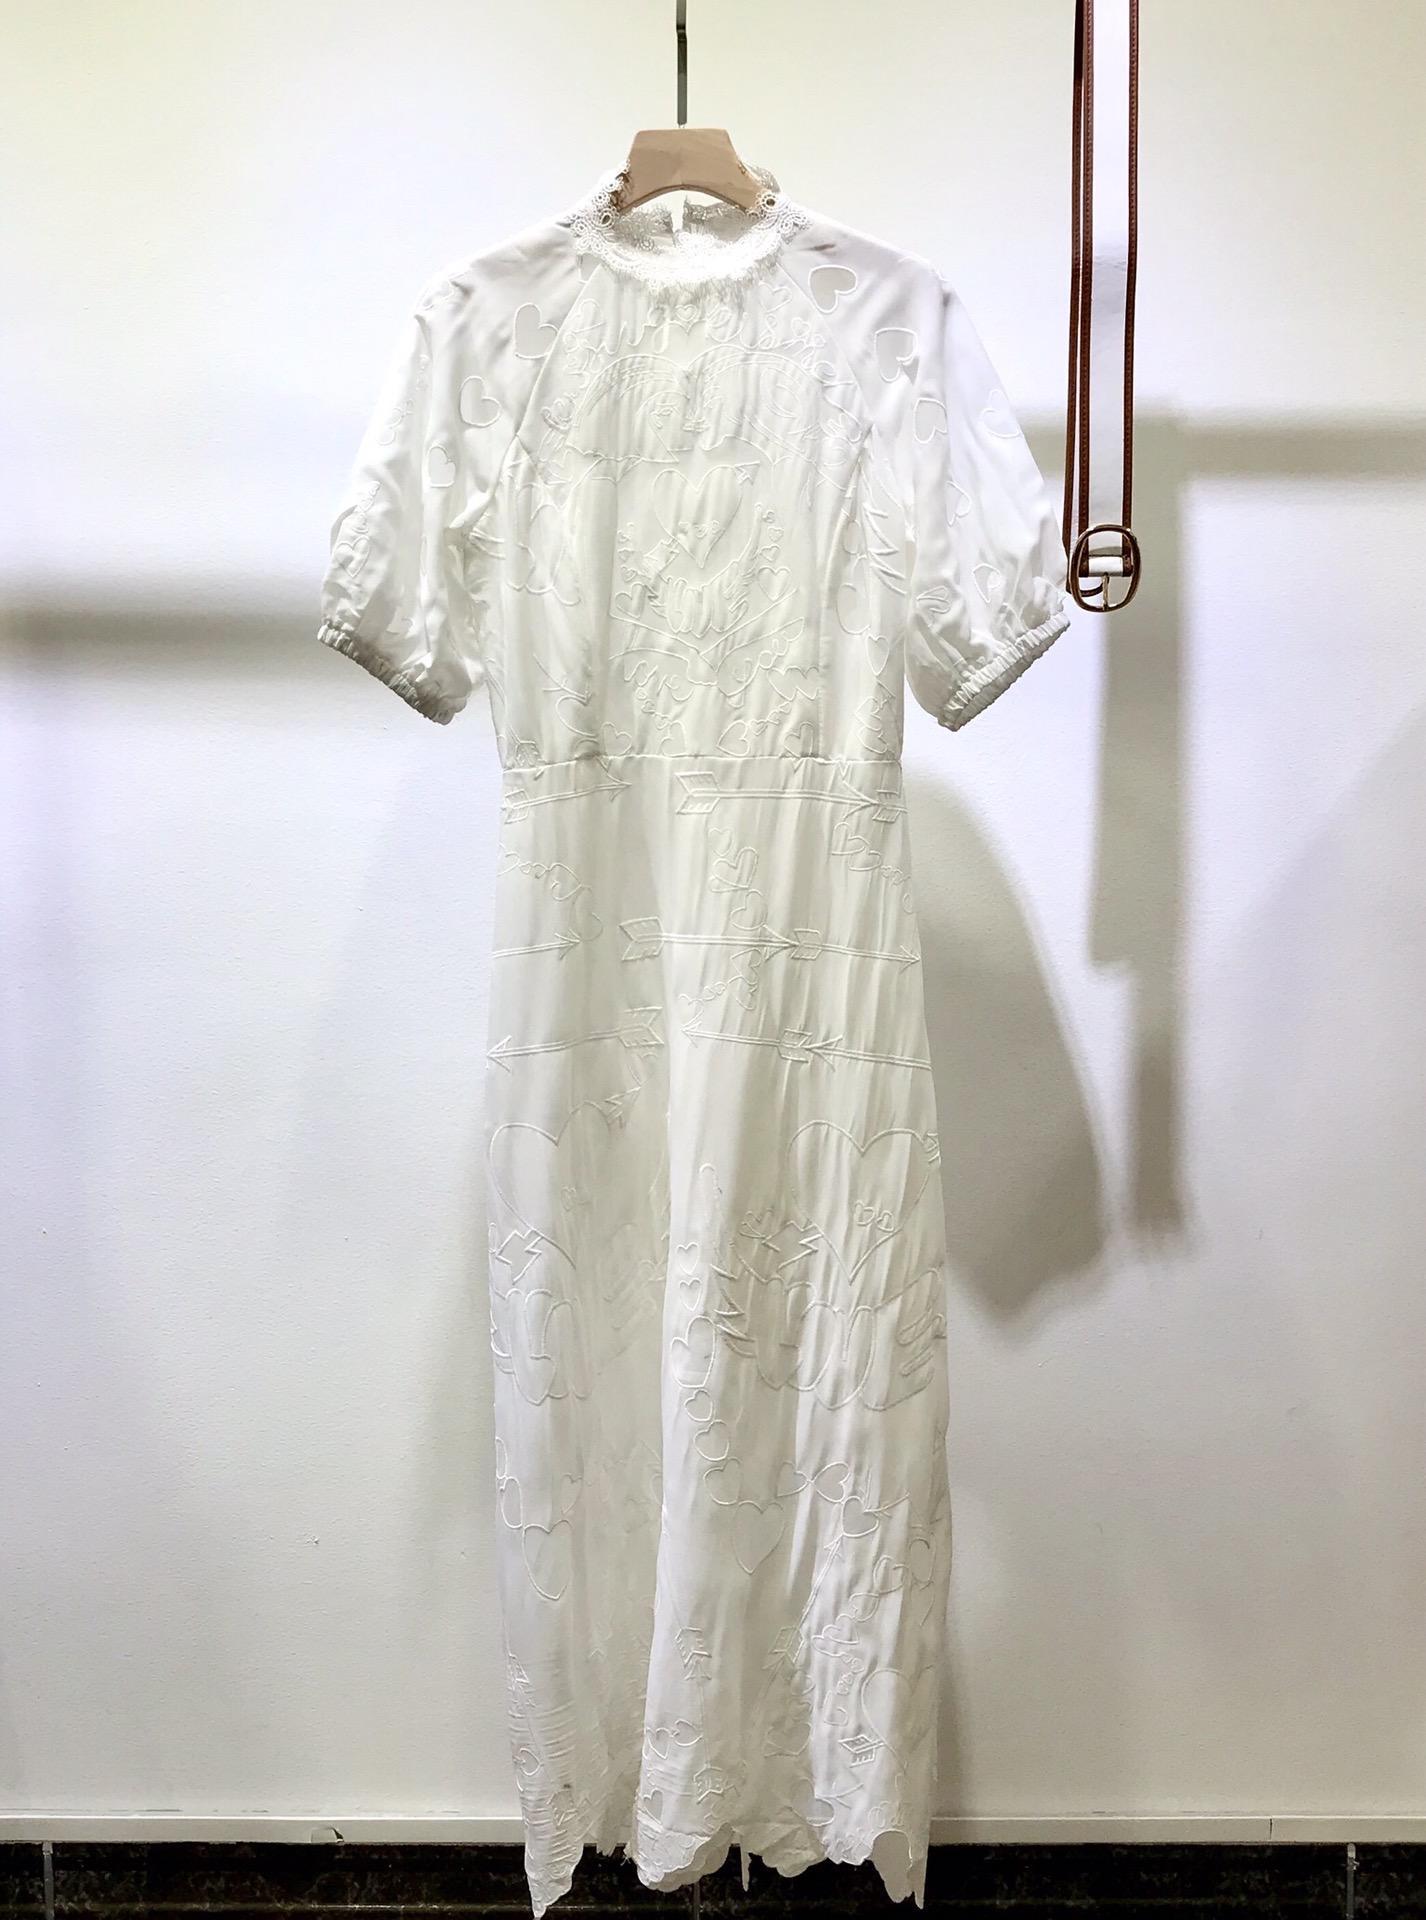 Milan pist elbise 2021 yeni ilkbahar yaz standı yaka kadın tasarımcı elbise markası aynı stil elbise 0301-29